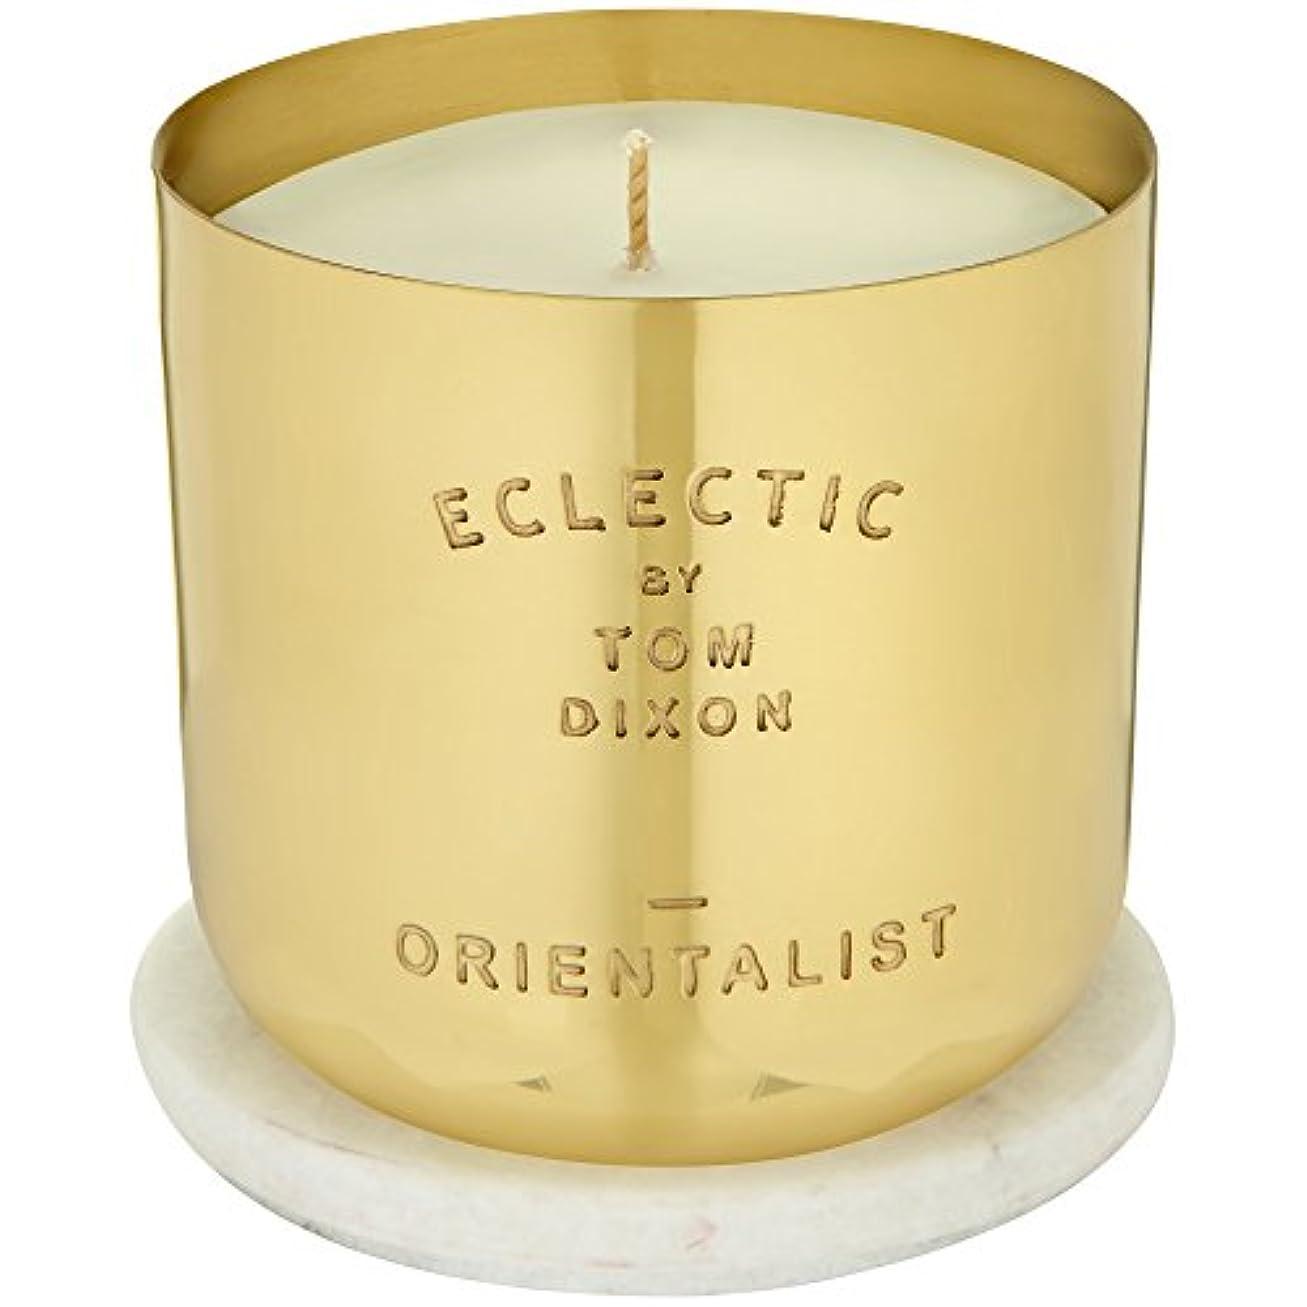 下向き派生する不愉快トム?ディクソン東洋香りのキャンドル x6 - Tom Dixon Orientalist Scented Candle (Pack of 6) [並行輸入品]